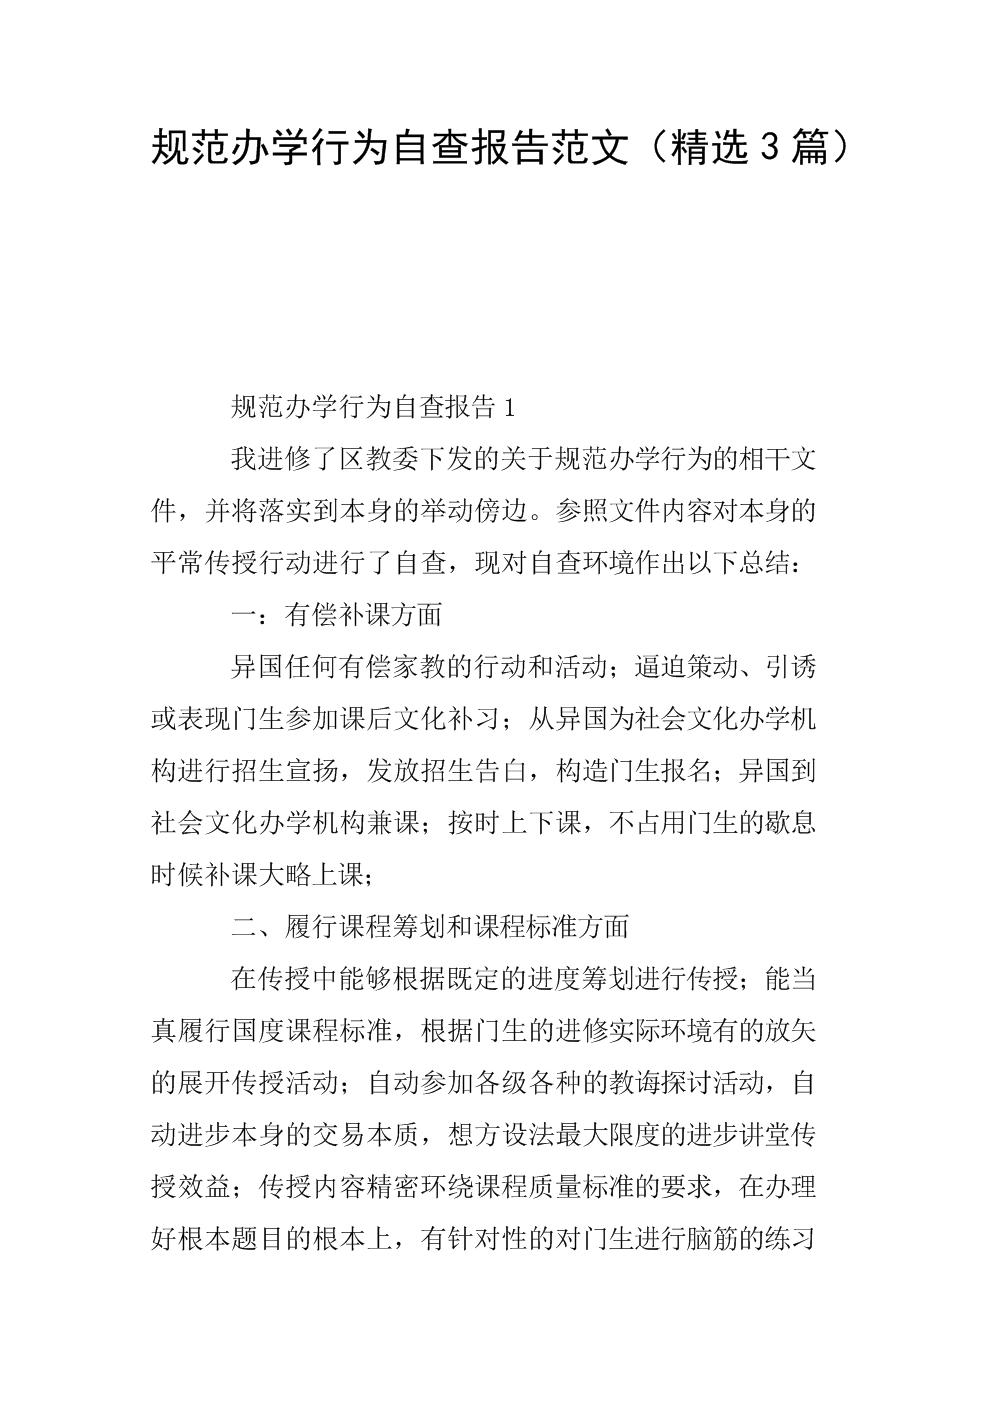 规范办学行为自查报告范文(精选3篇).doc